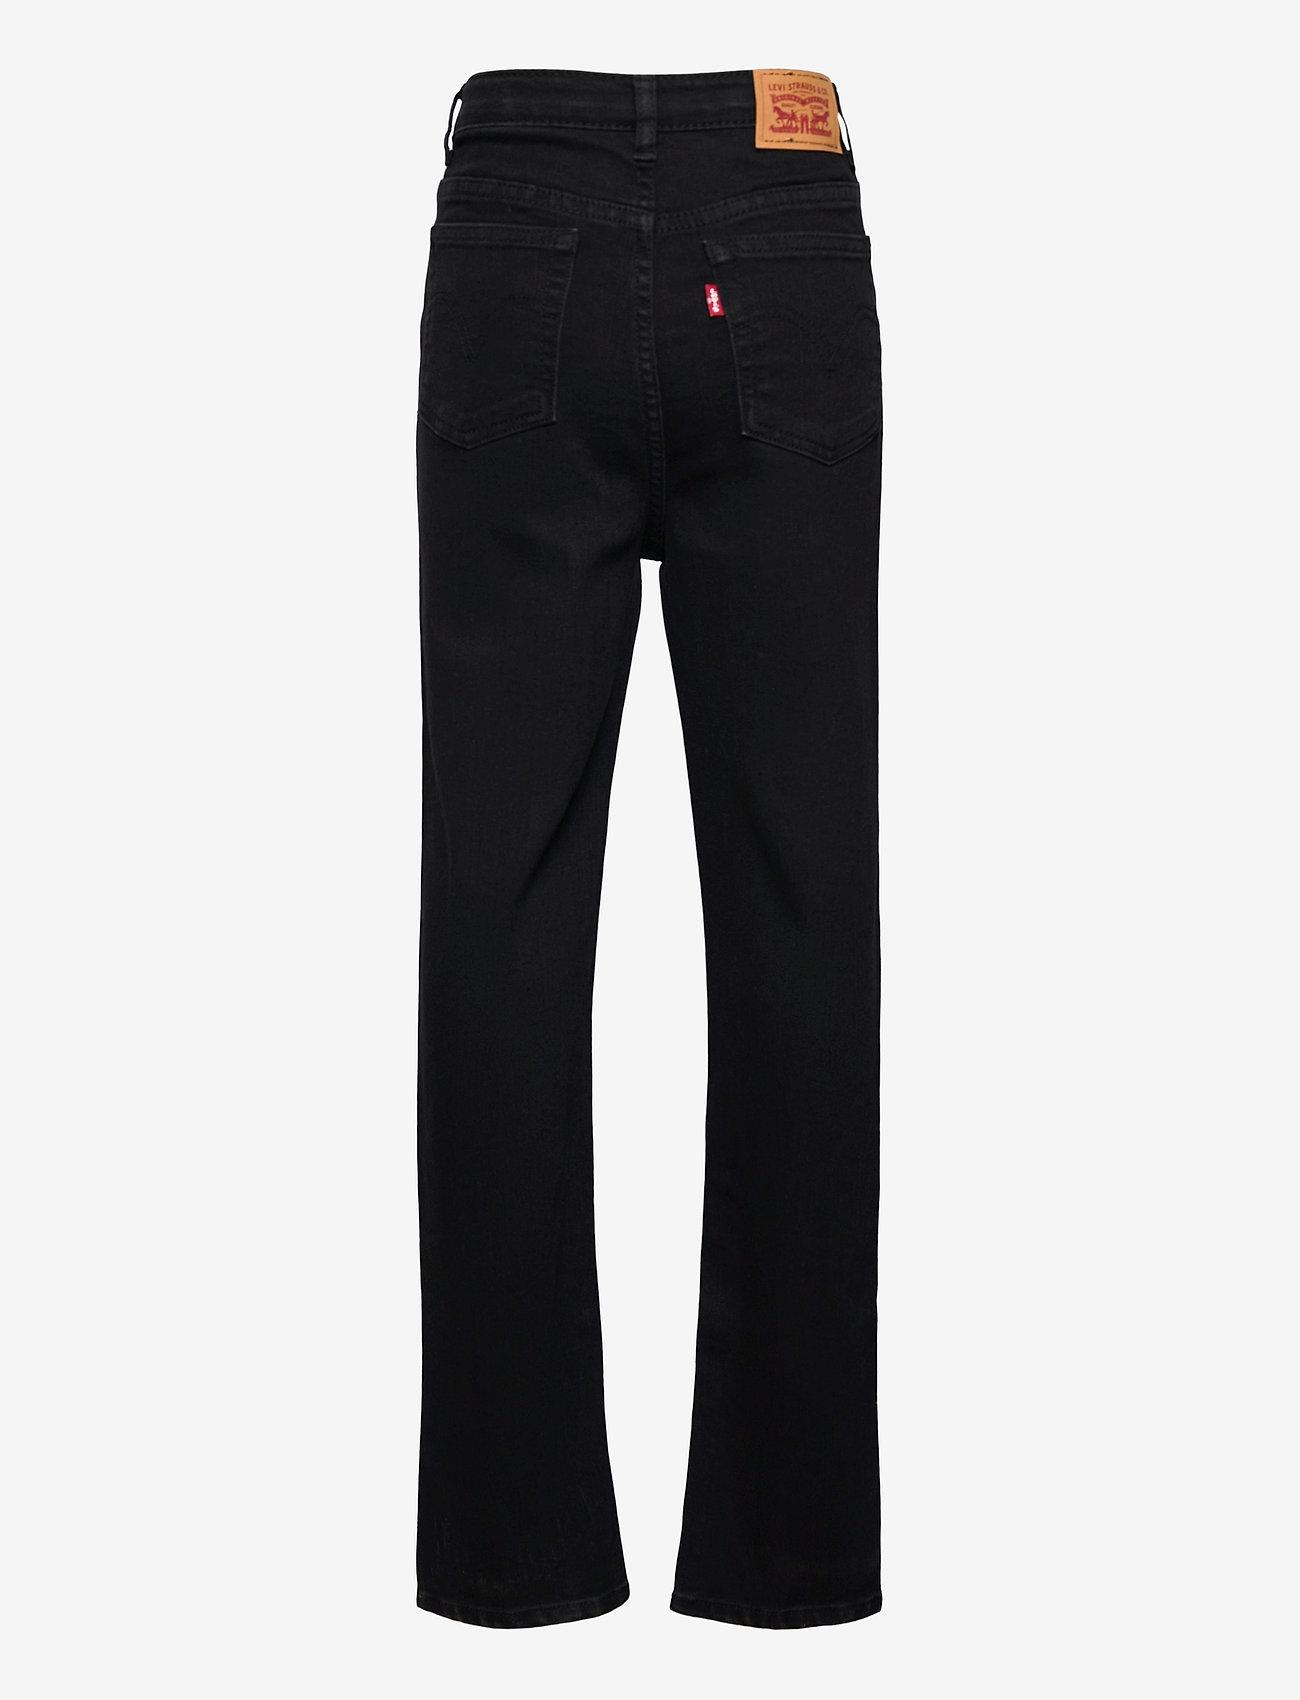 Levi's - LVG RIBCAGE DENIM PANT - jeans - black heart - 1